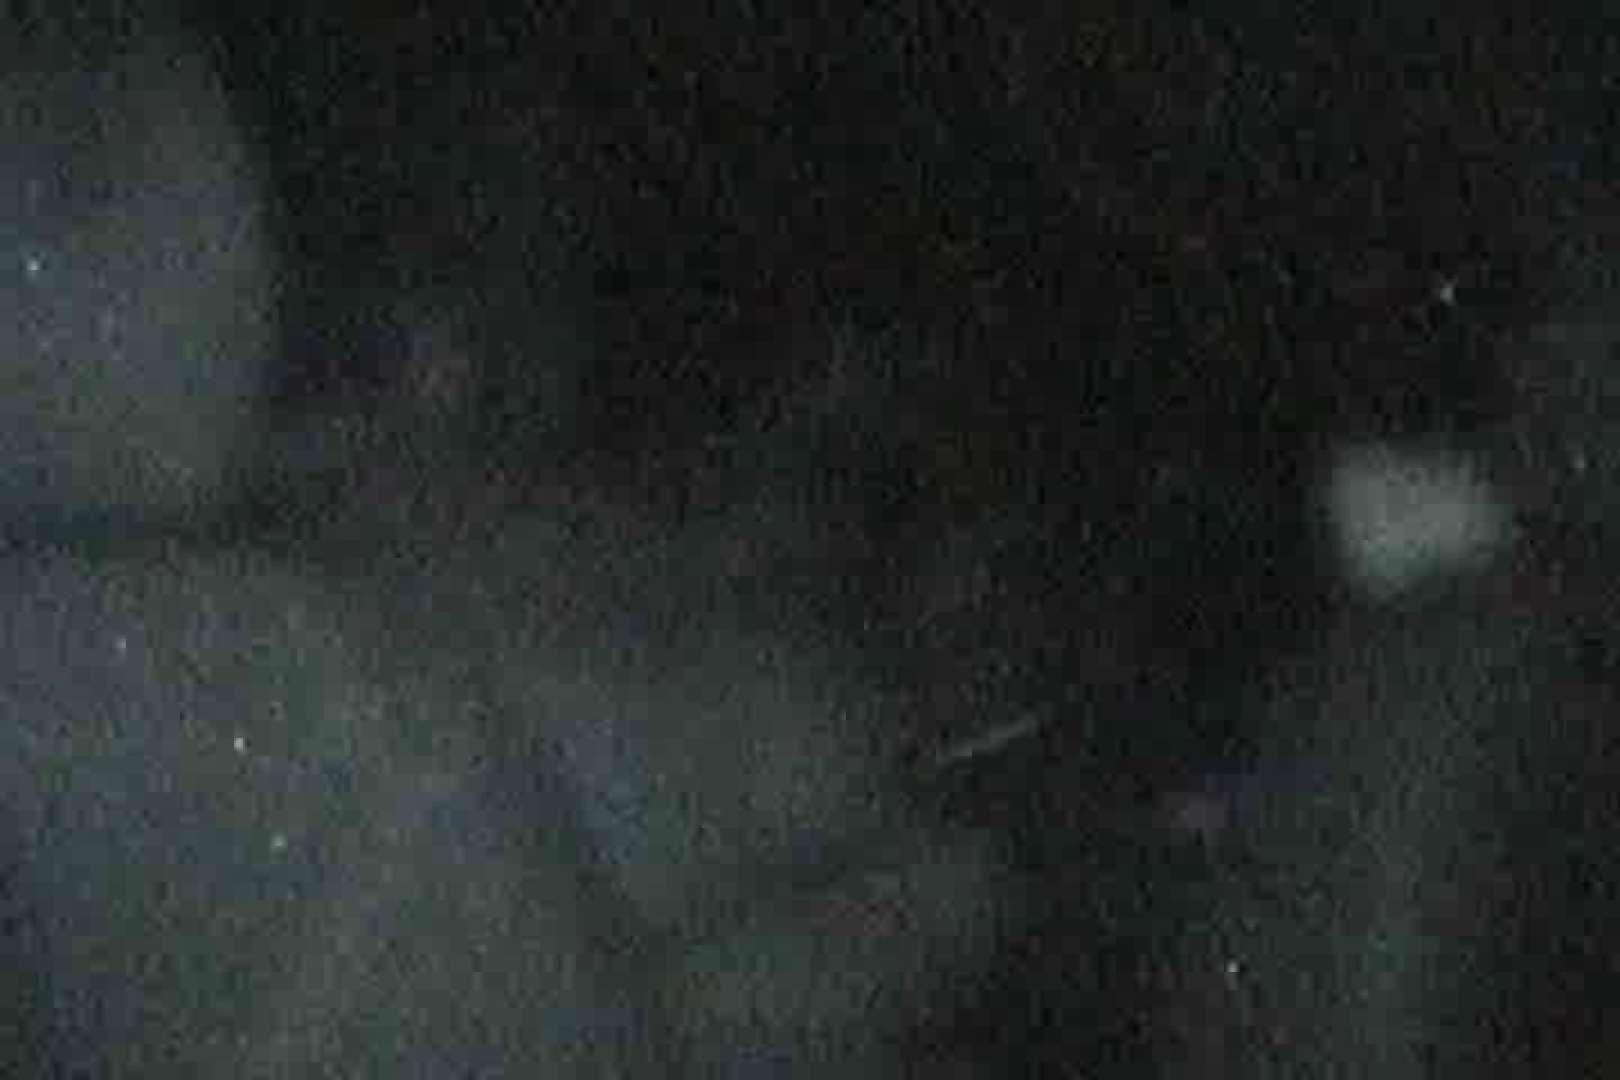 充血監督の深夜の運動会Vol.21 OLの実態 盗撮おめこ無修正動画無料 95pic 92